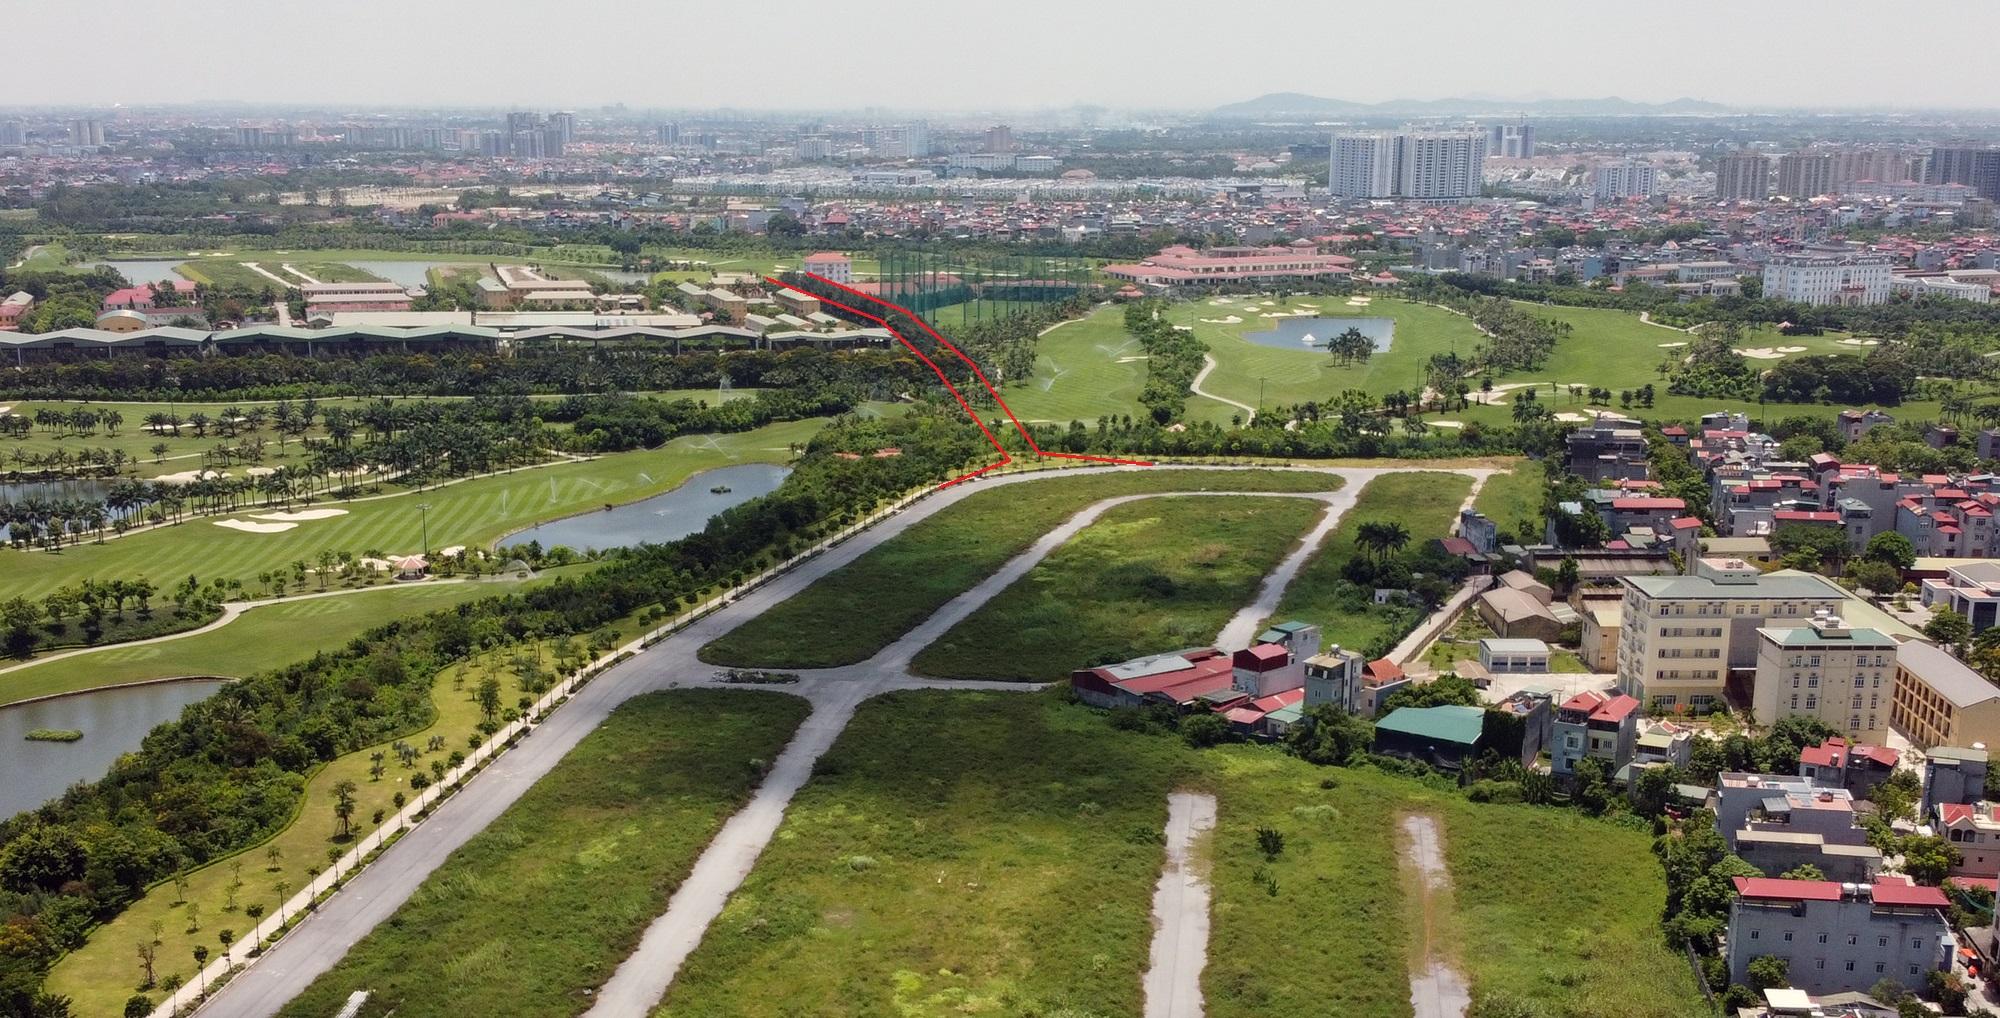 đường sẽ mở theo qui hoạch ở phường Phúc Đồng, Long Biên, Hà Nội - Ảnh 7.